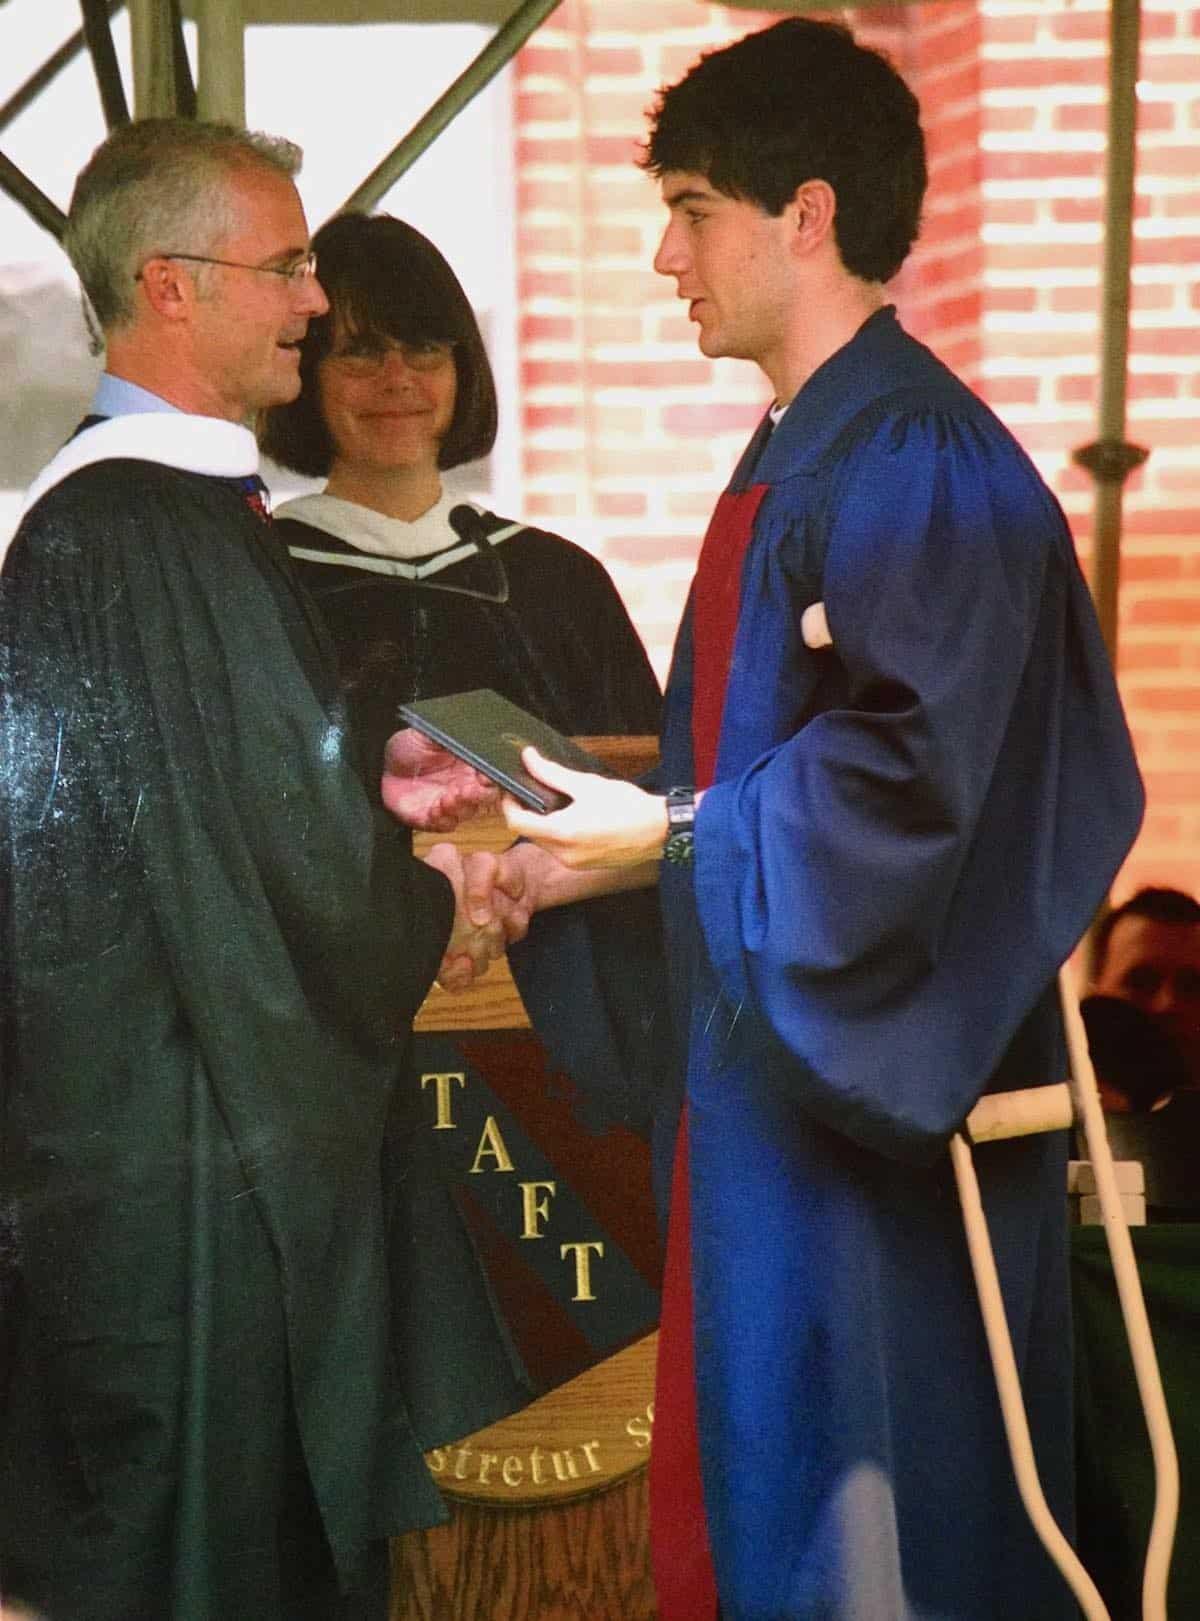 accepting his diploma